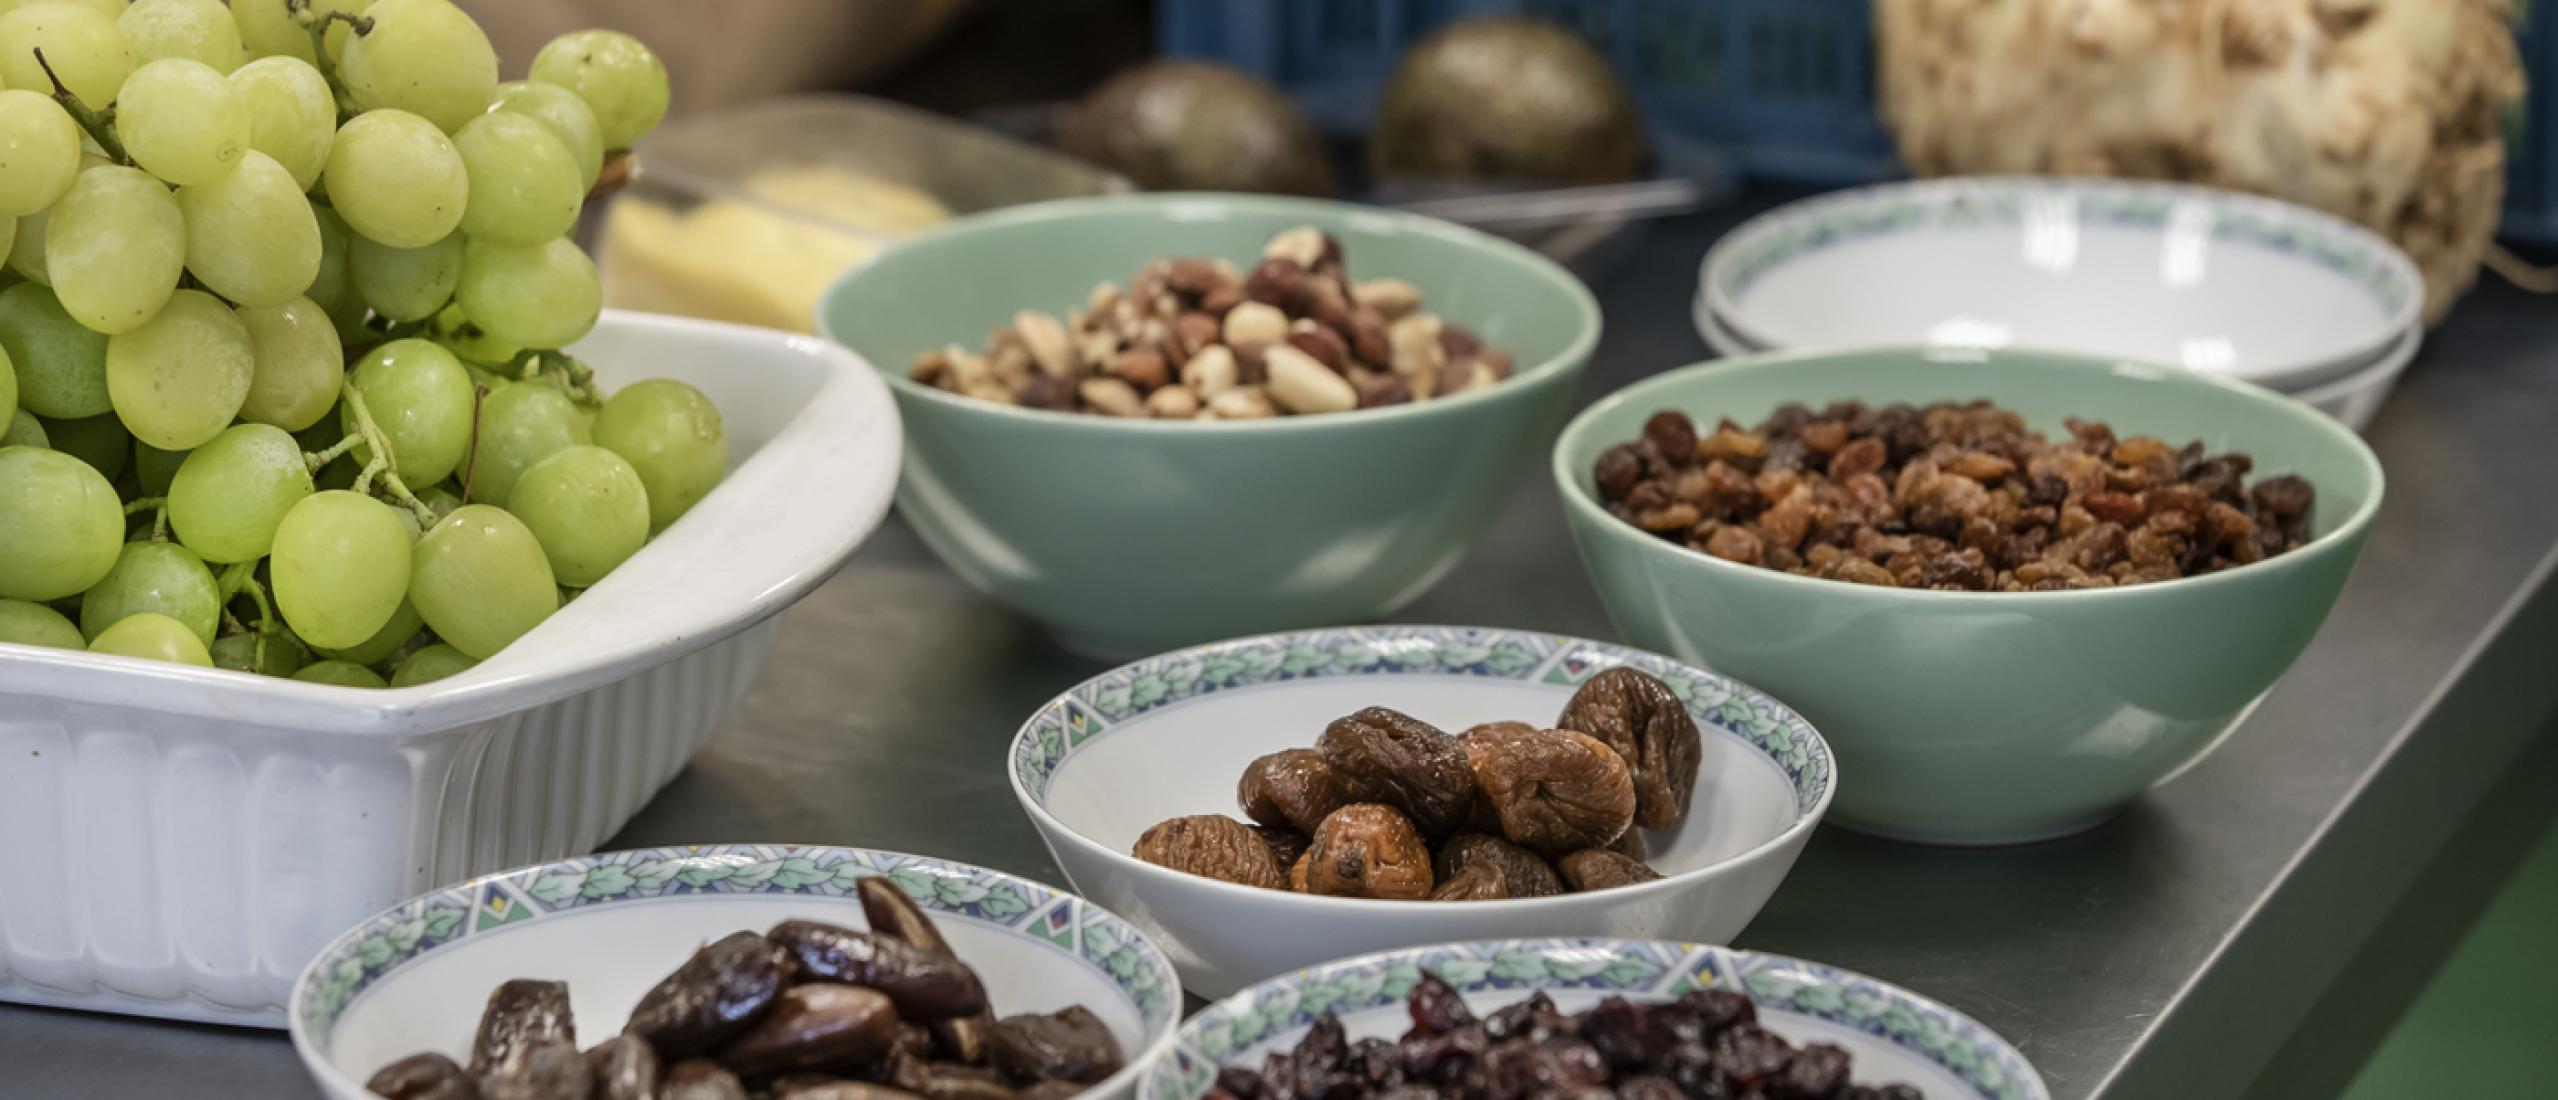 Vernieuwd beleid voeding bij Vivere!